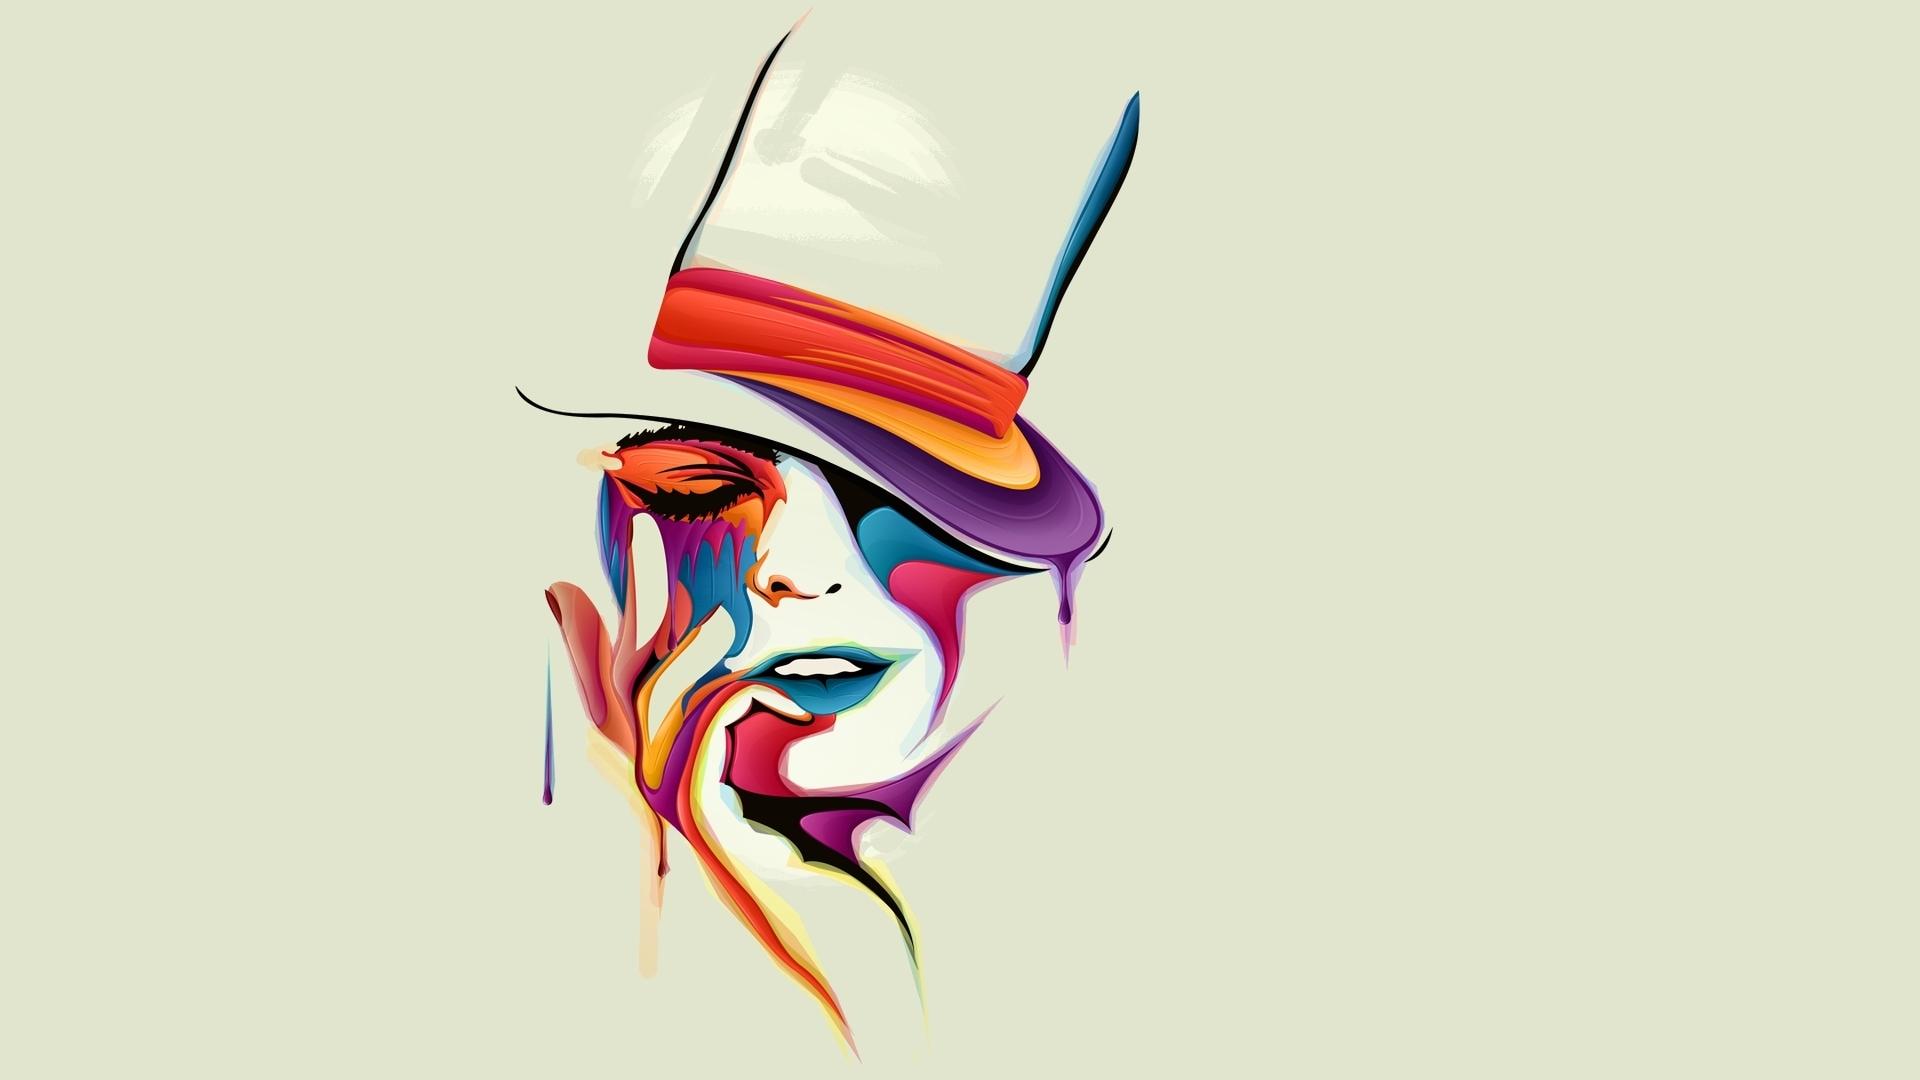 wallpapers full hd 1080p colores - buscar con google | recreación